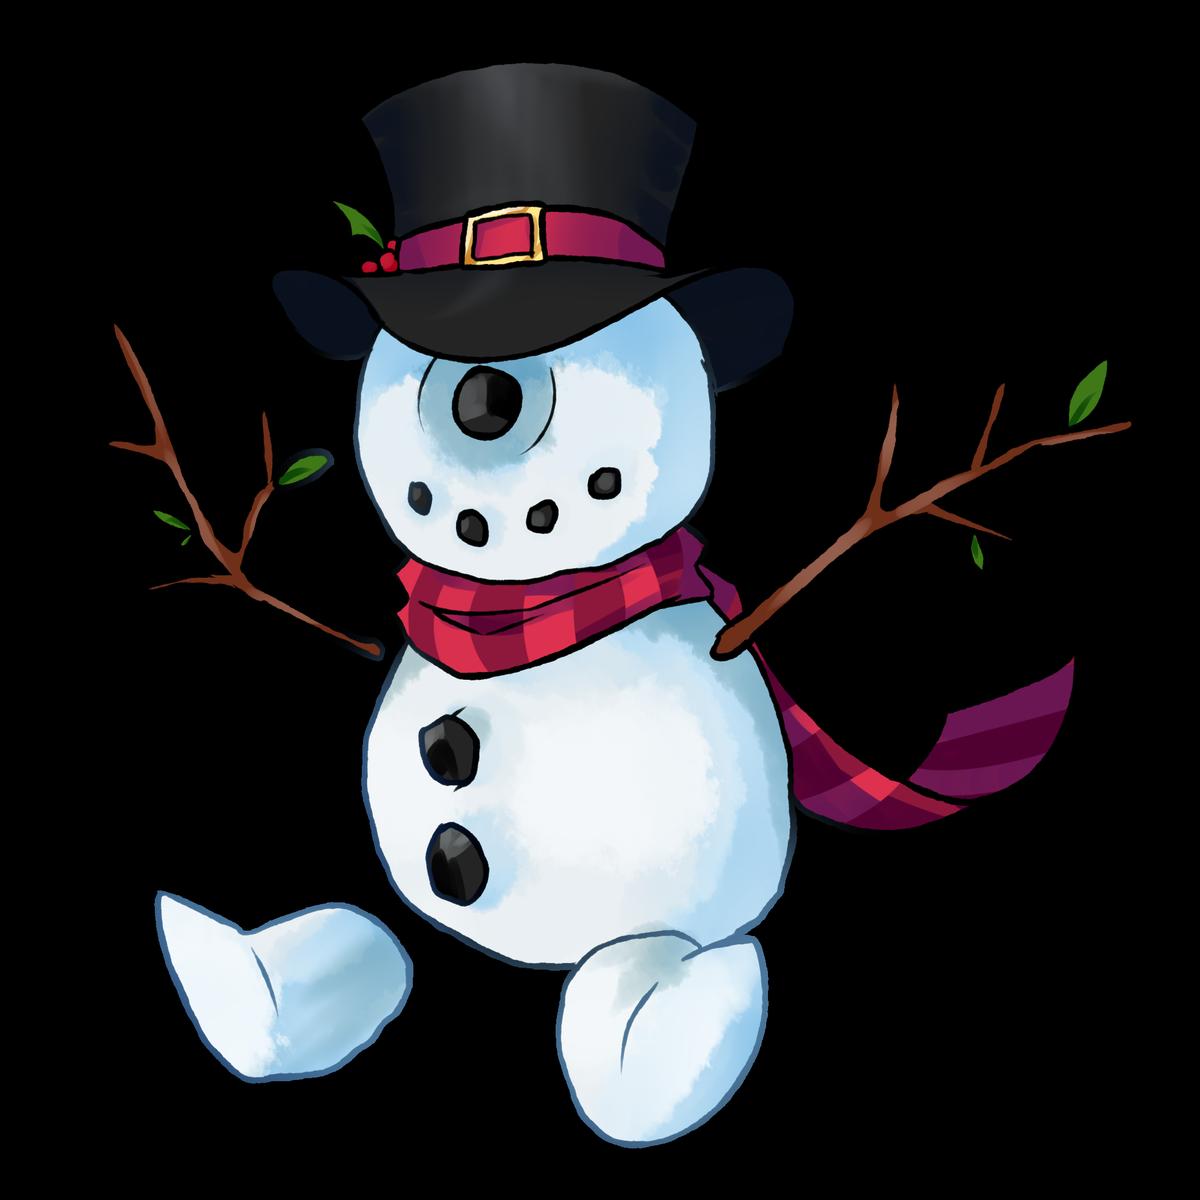 Calamari . Snowman clipart country